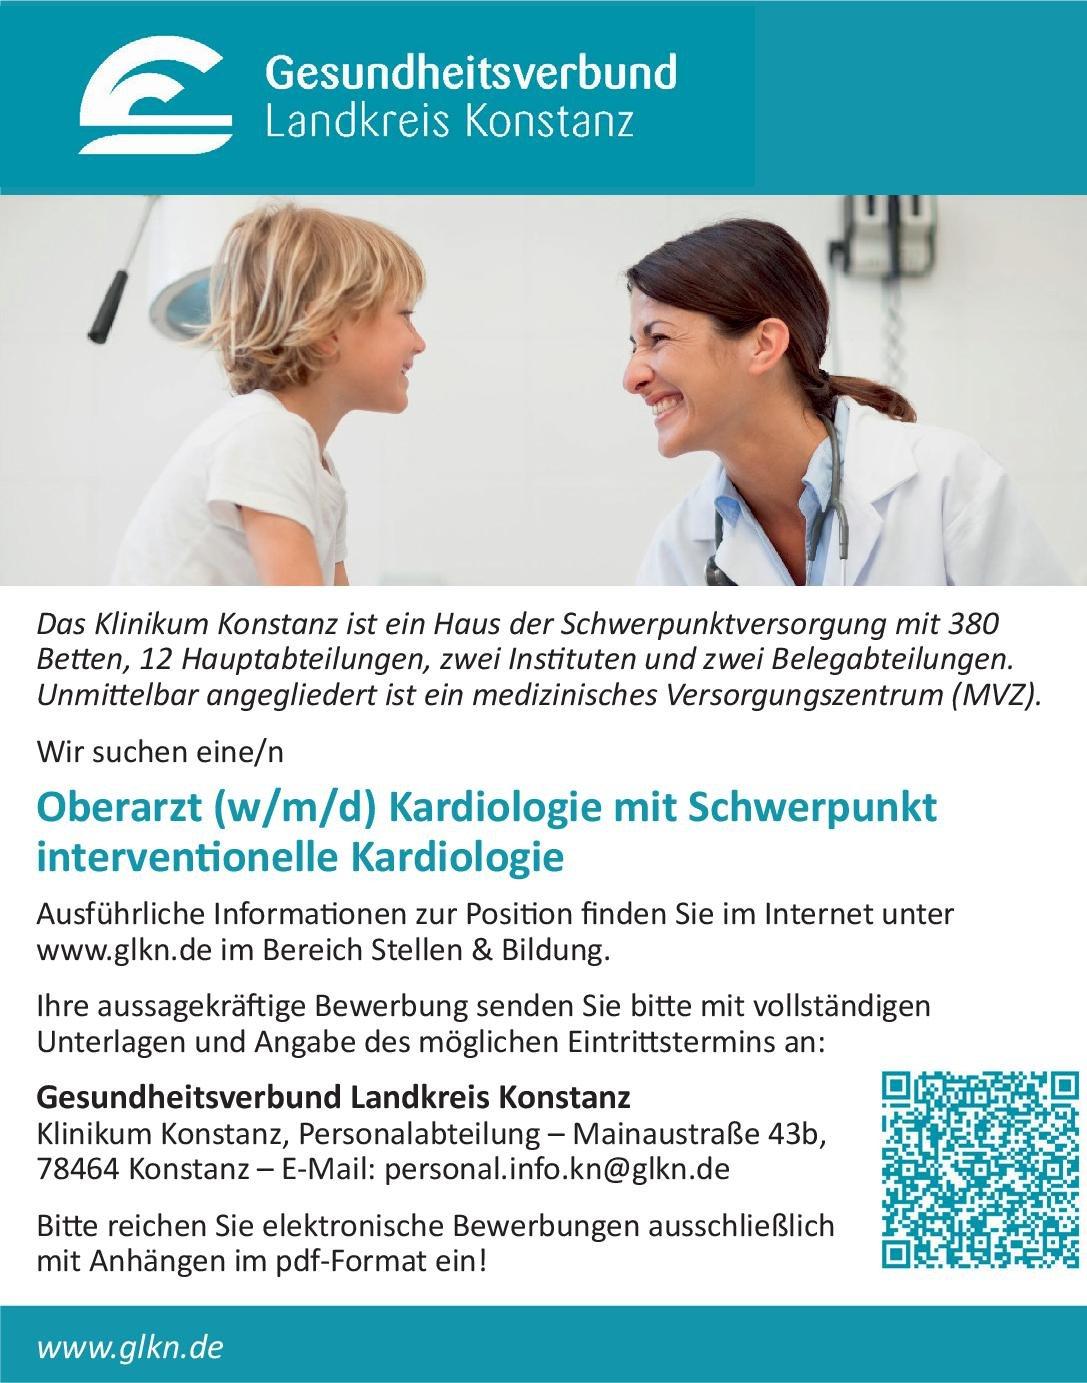 Klinikum Konstanz Oberarzt (w/m/d) Kardiologie mit Schwerpunkt interventionelle Kardiologie  Innere Medizin und Kardiologie, Innere Medizin Oberarzt